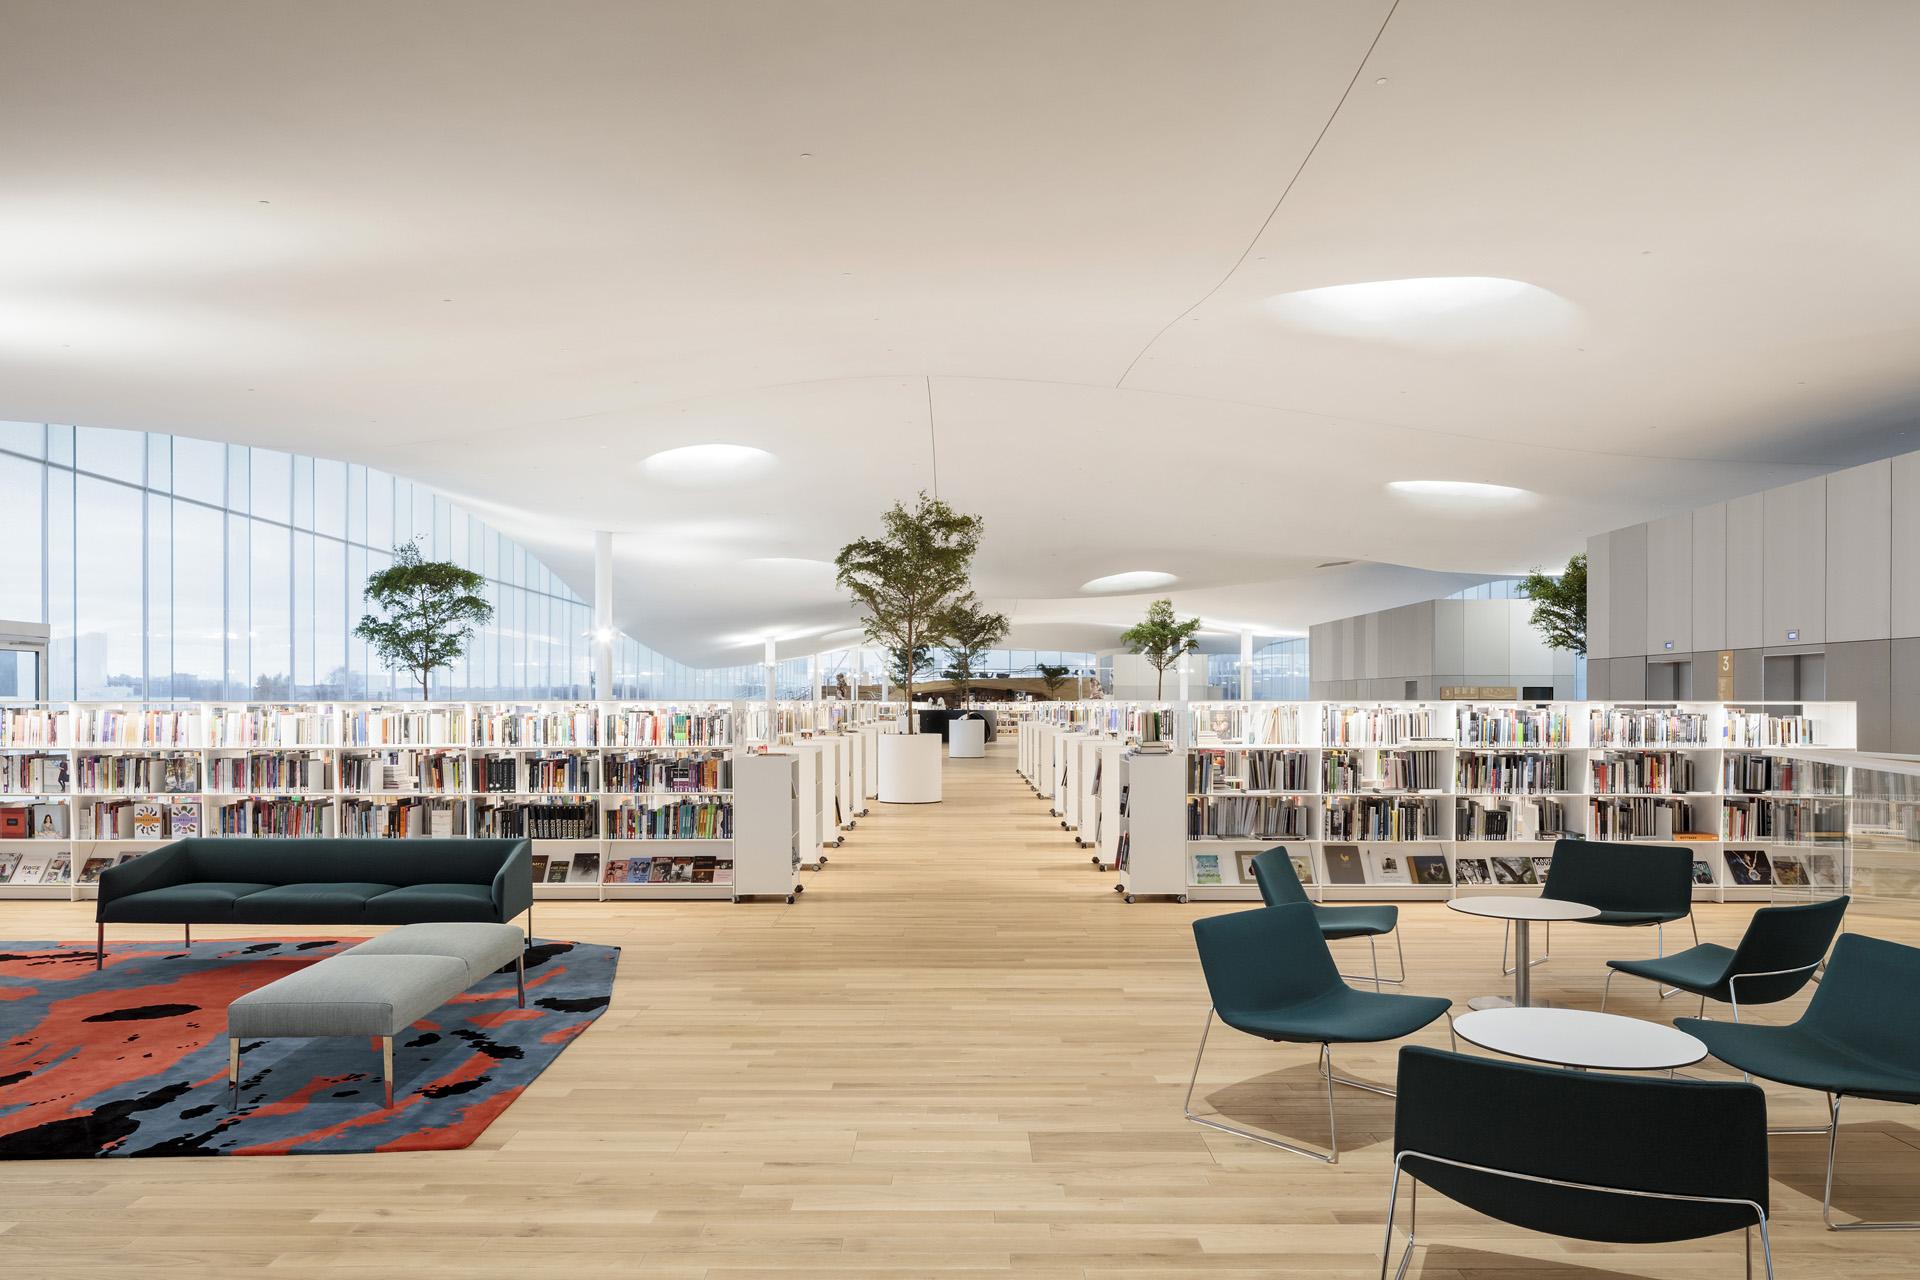 Resultado de imagen para nueva biblioteca finlandia oodi